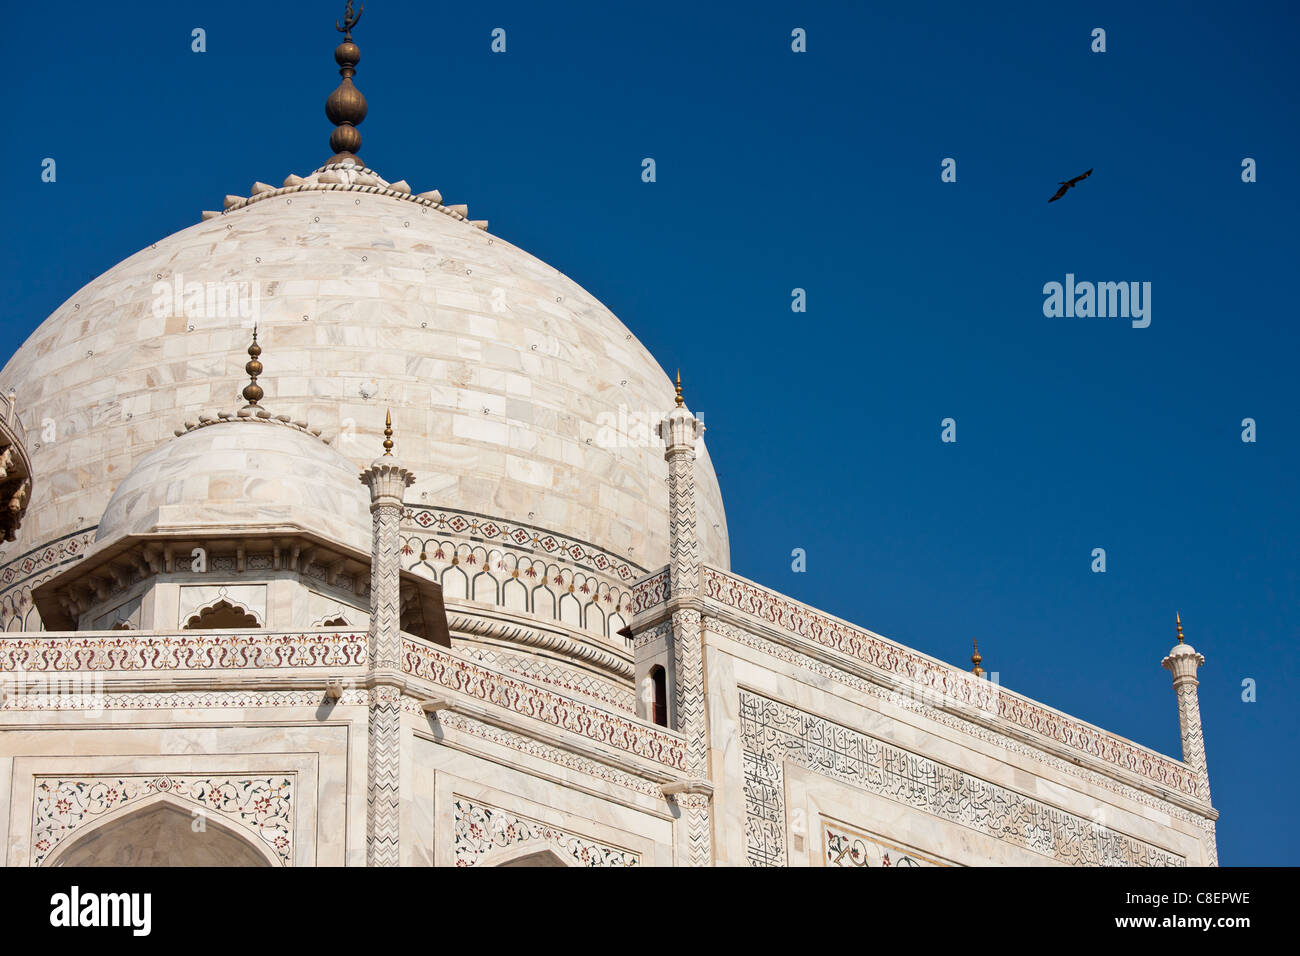 Das Taj Mahal-Mausoleum mit Vögel fliegen um die Kuppel, Südansicht Detail, Uttar Pradesh, Indien Stockbild